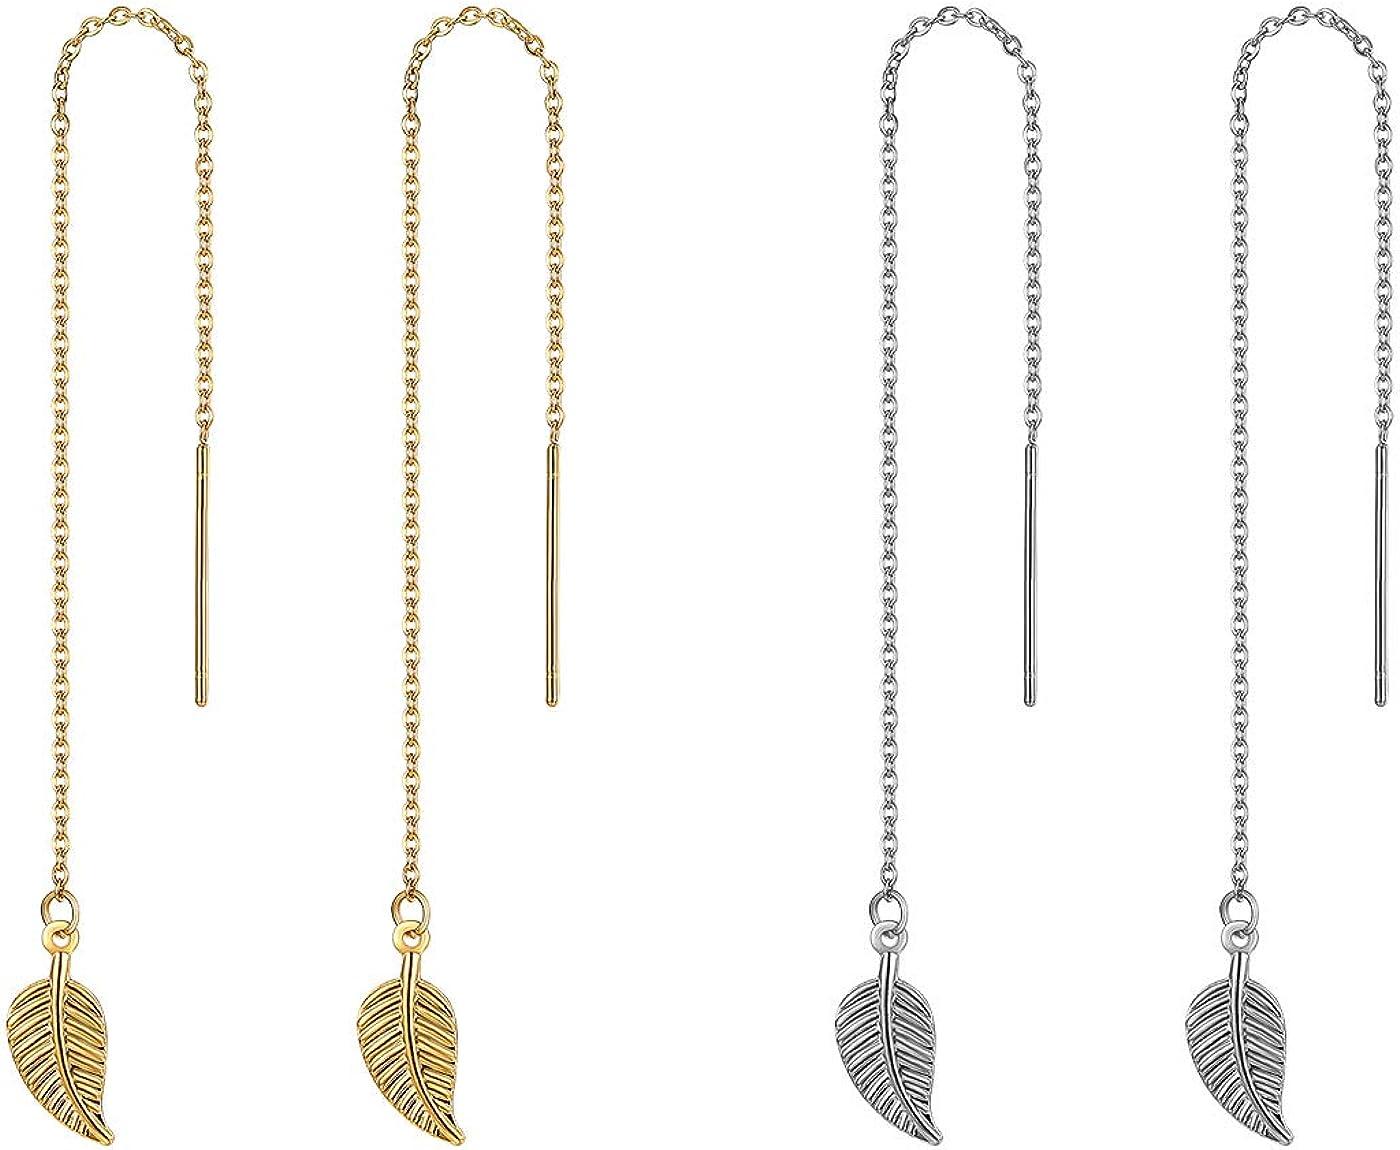 Flongo Damenkette Frauen Halskette St/äbchen Durchzieher Ohrringe Ohrseil Ohrkette Set mit Kreuz Anh/änger in Rose Gold Silber Ton Medaillon aus Edelstahl